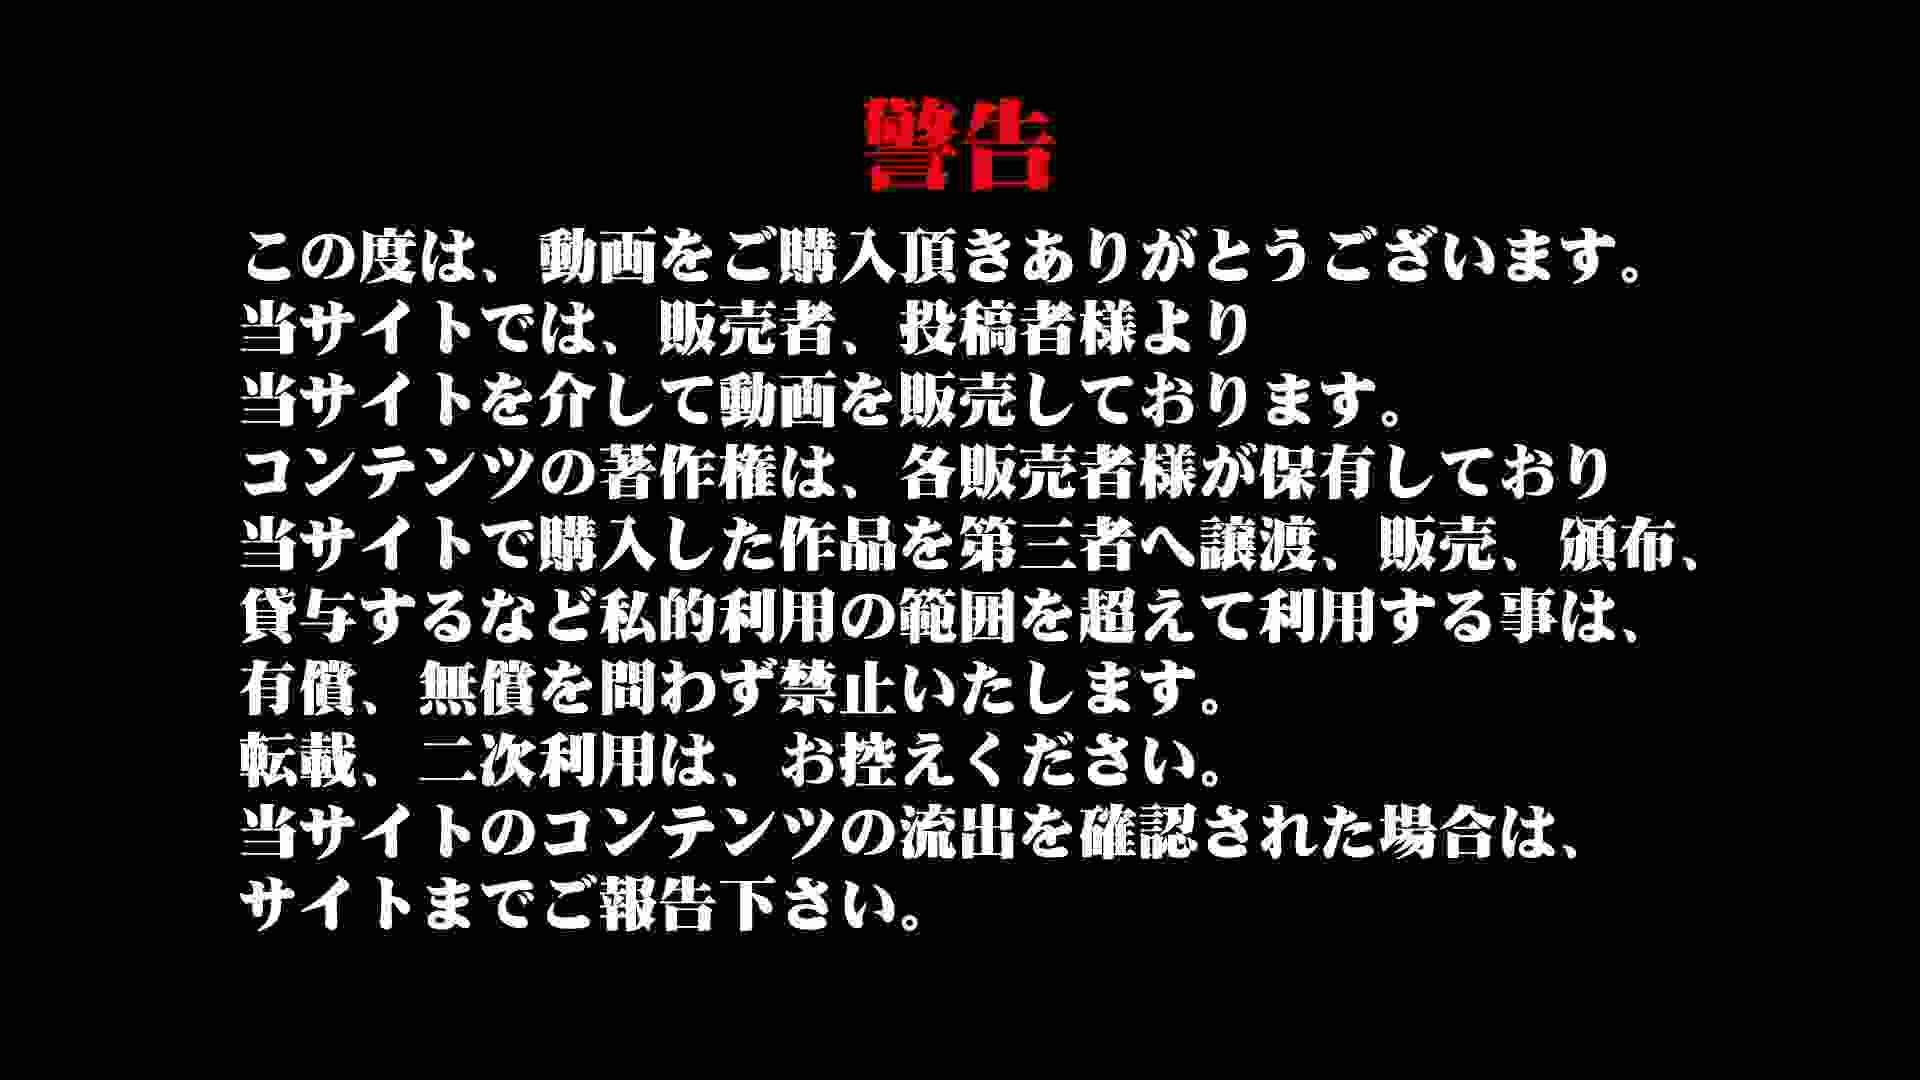 Aquaな露天風呂Vol.921 盗撮特集 | 露天  93画像 1